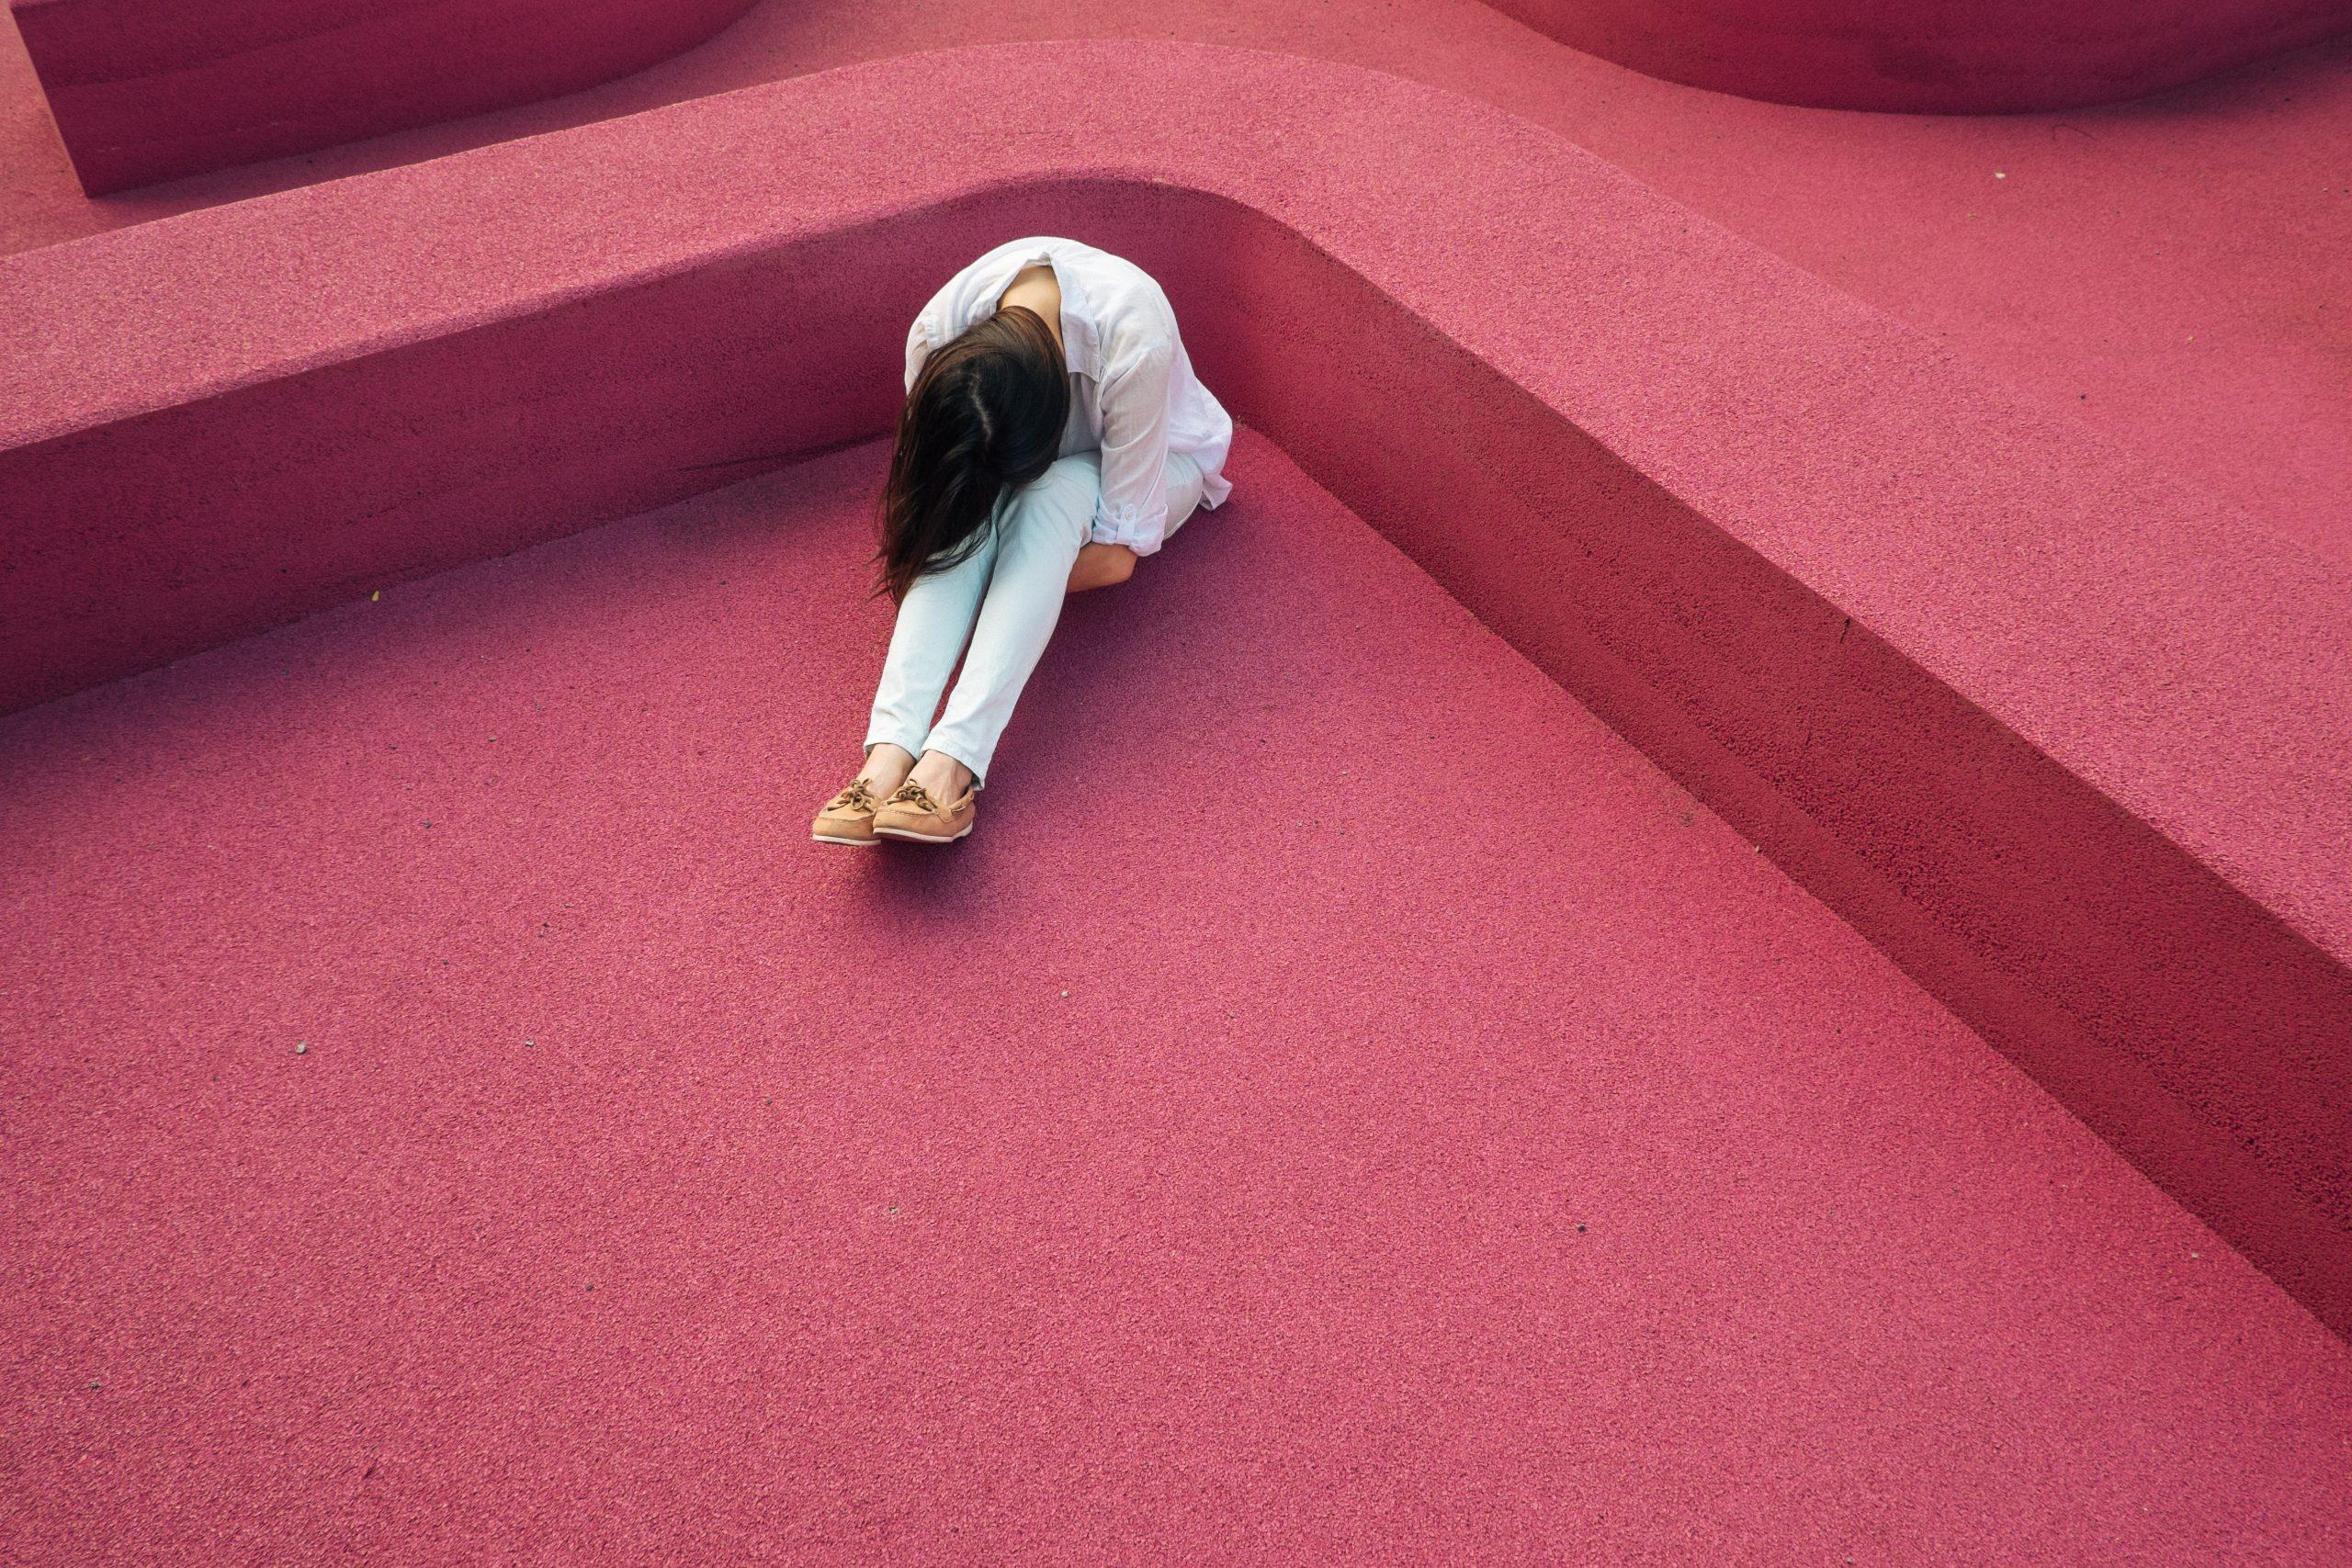 Dépendance affective – Comment retrouver la liberté d'être soi-même?